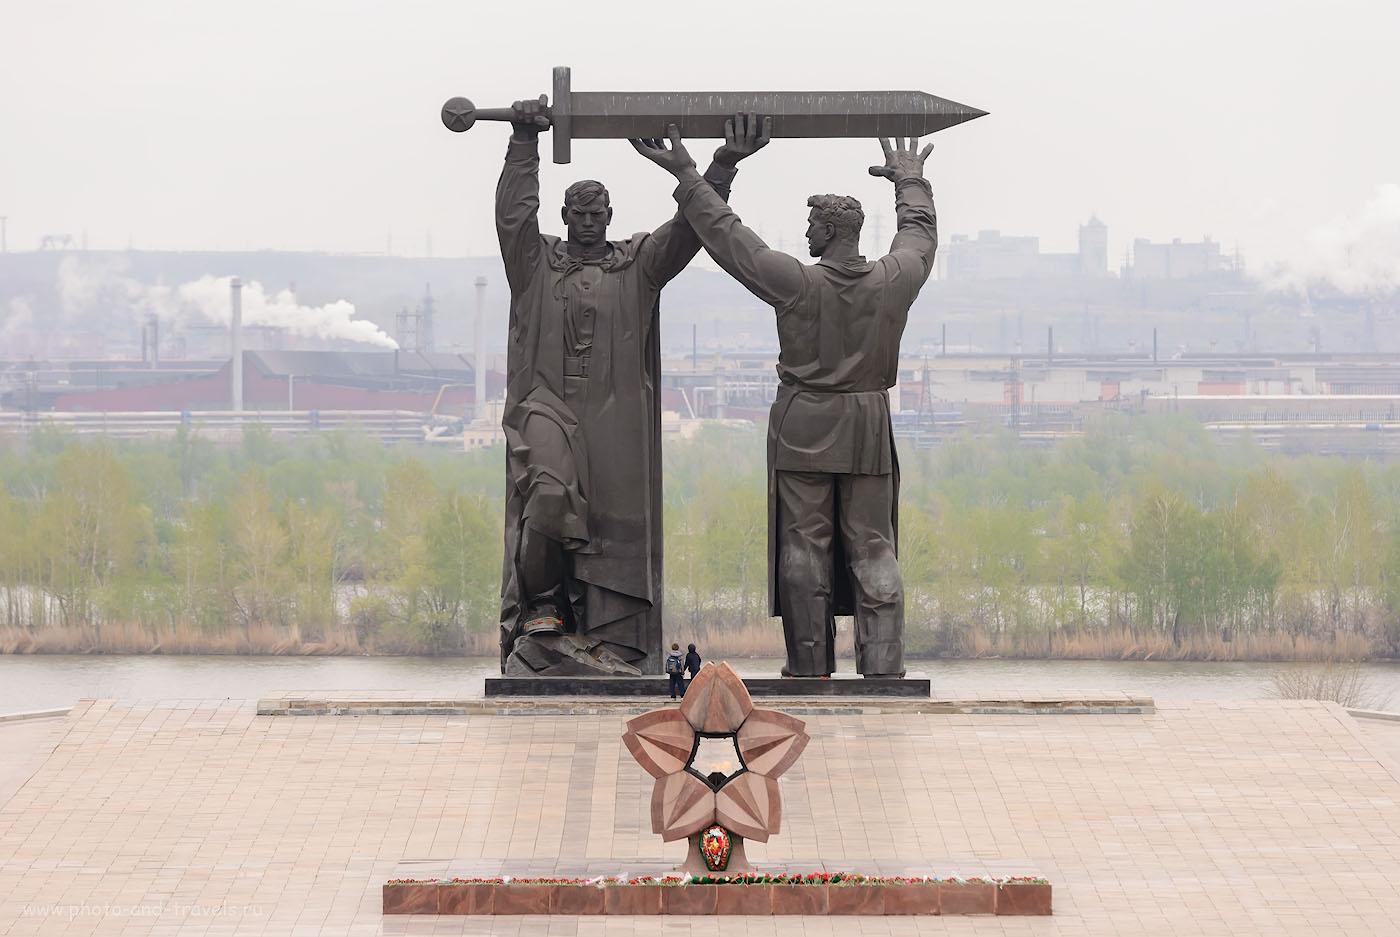 Фото 1. Монумент «Тыл - фронту» можно посетить в Магнитогорске по пути на отдых в Башкирии. Камера Nikon D80, объектив Nikon 70-200mm f/2.8. Параметры съемки: выдержка 1/400, экспокоррекция 0EV, диафрагма f/5.0, ISO 200, фокусное расстояние 185 мм.